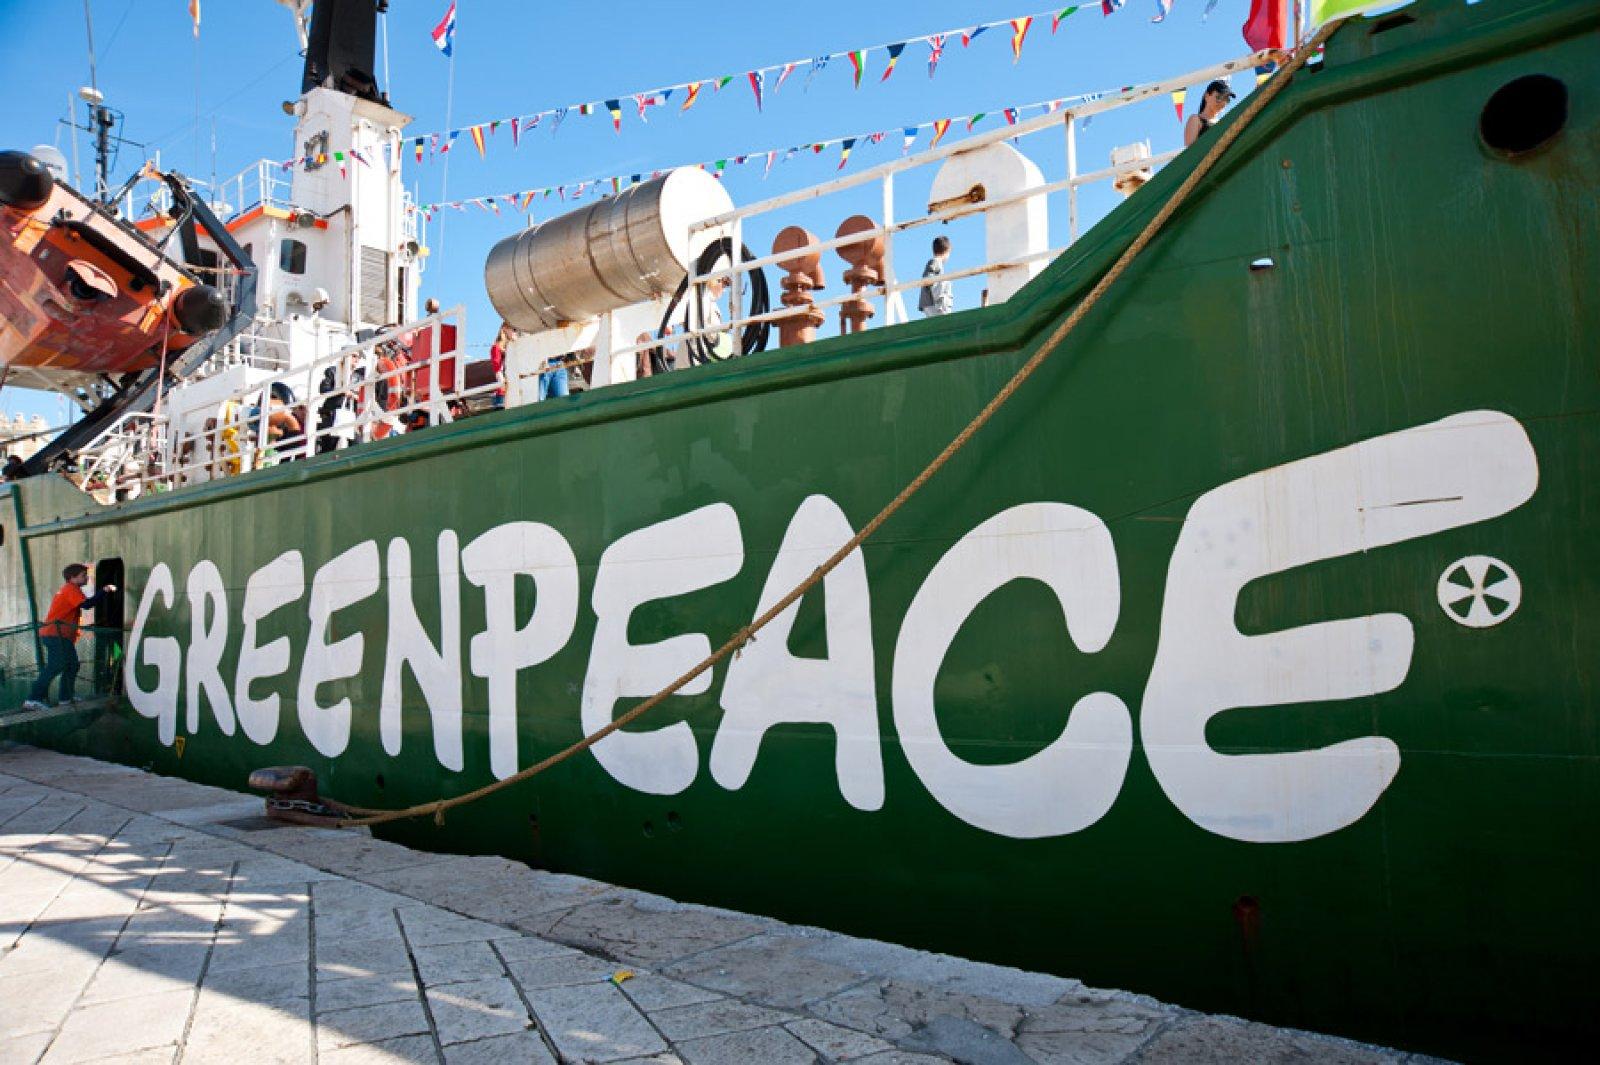 Greenpeace vaixell